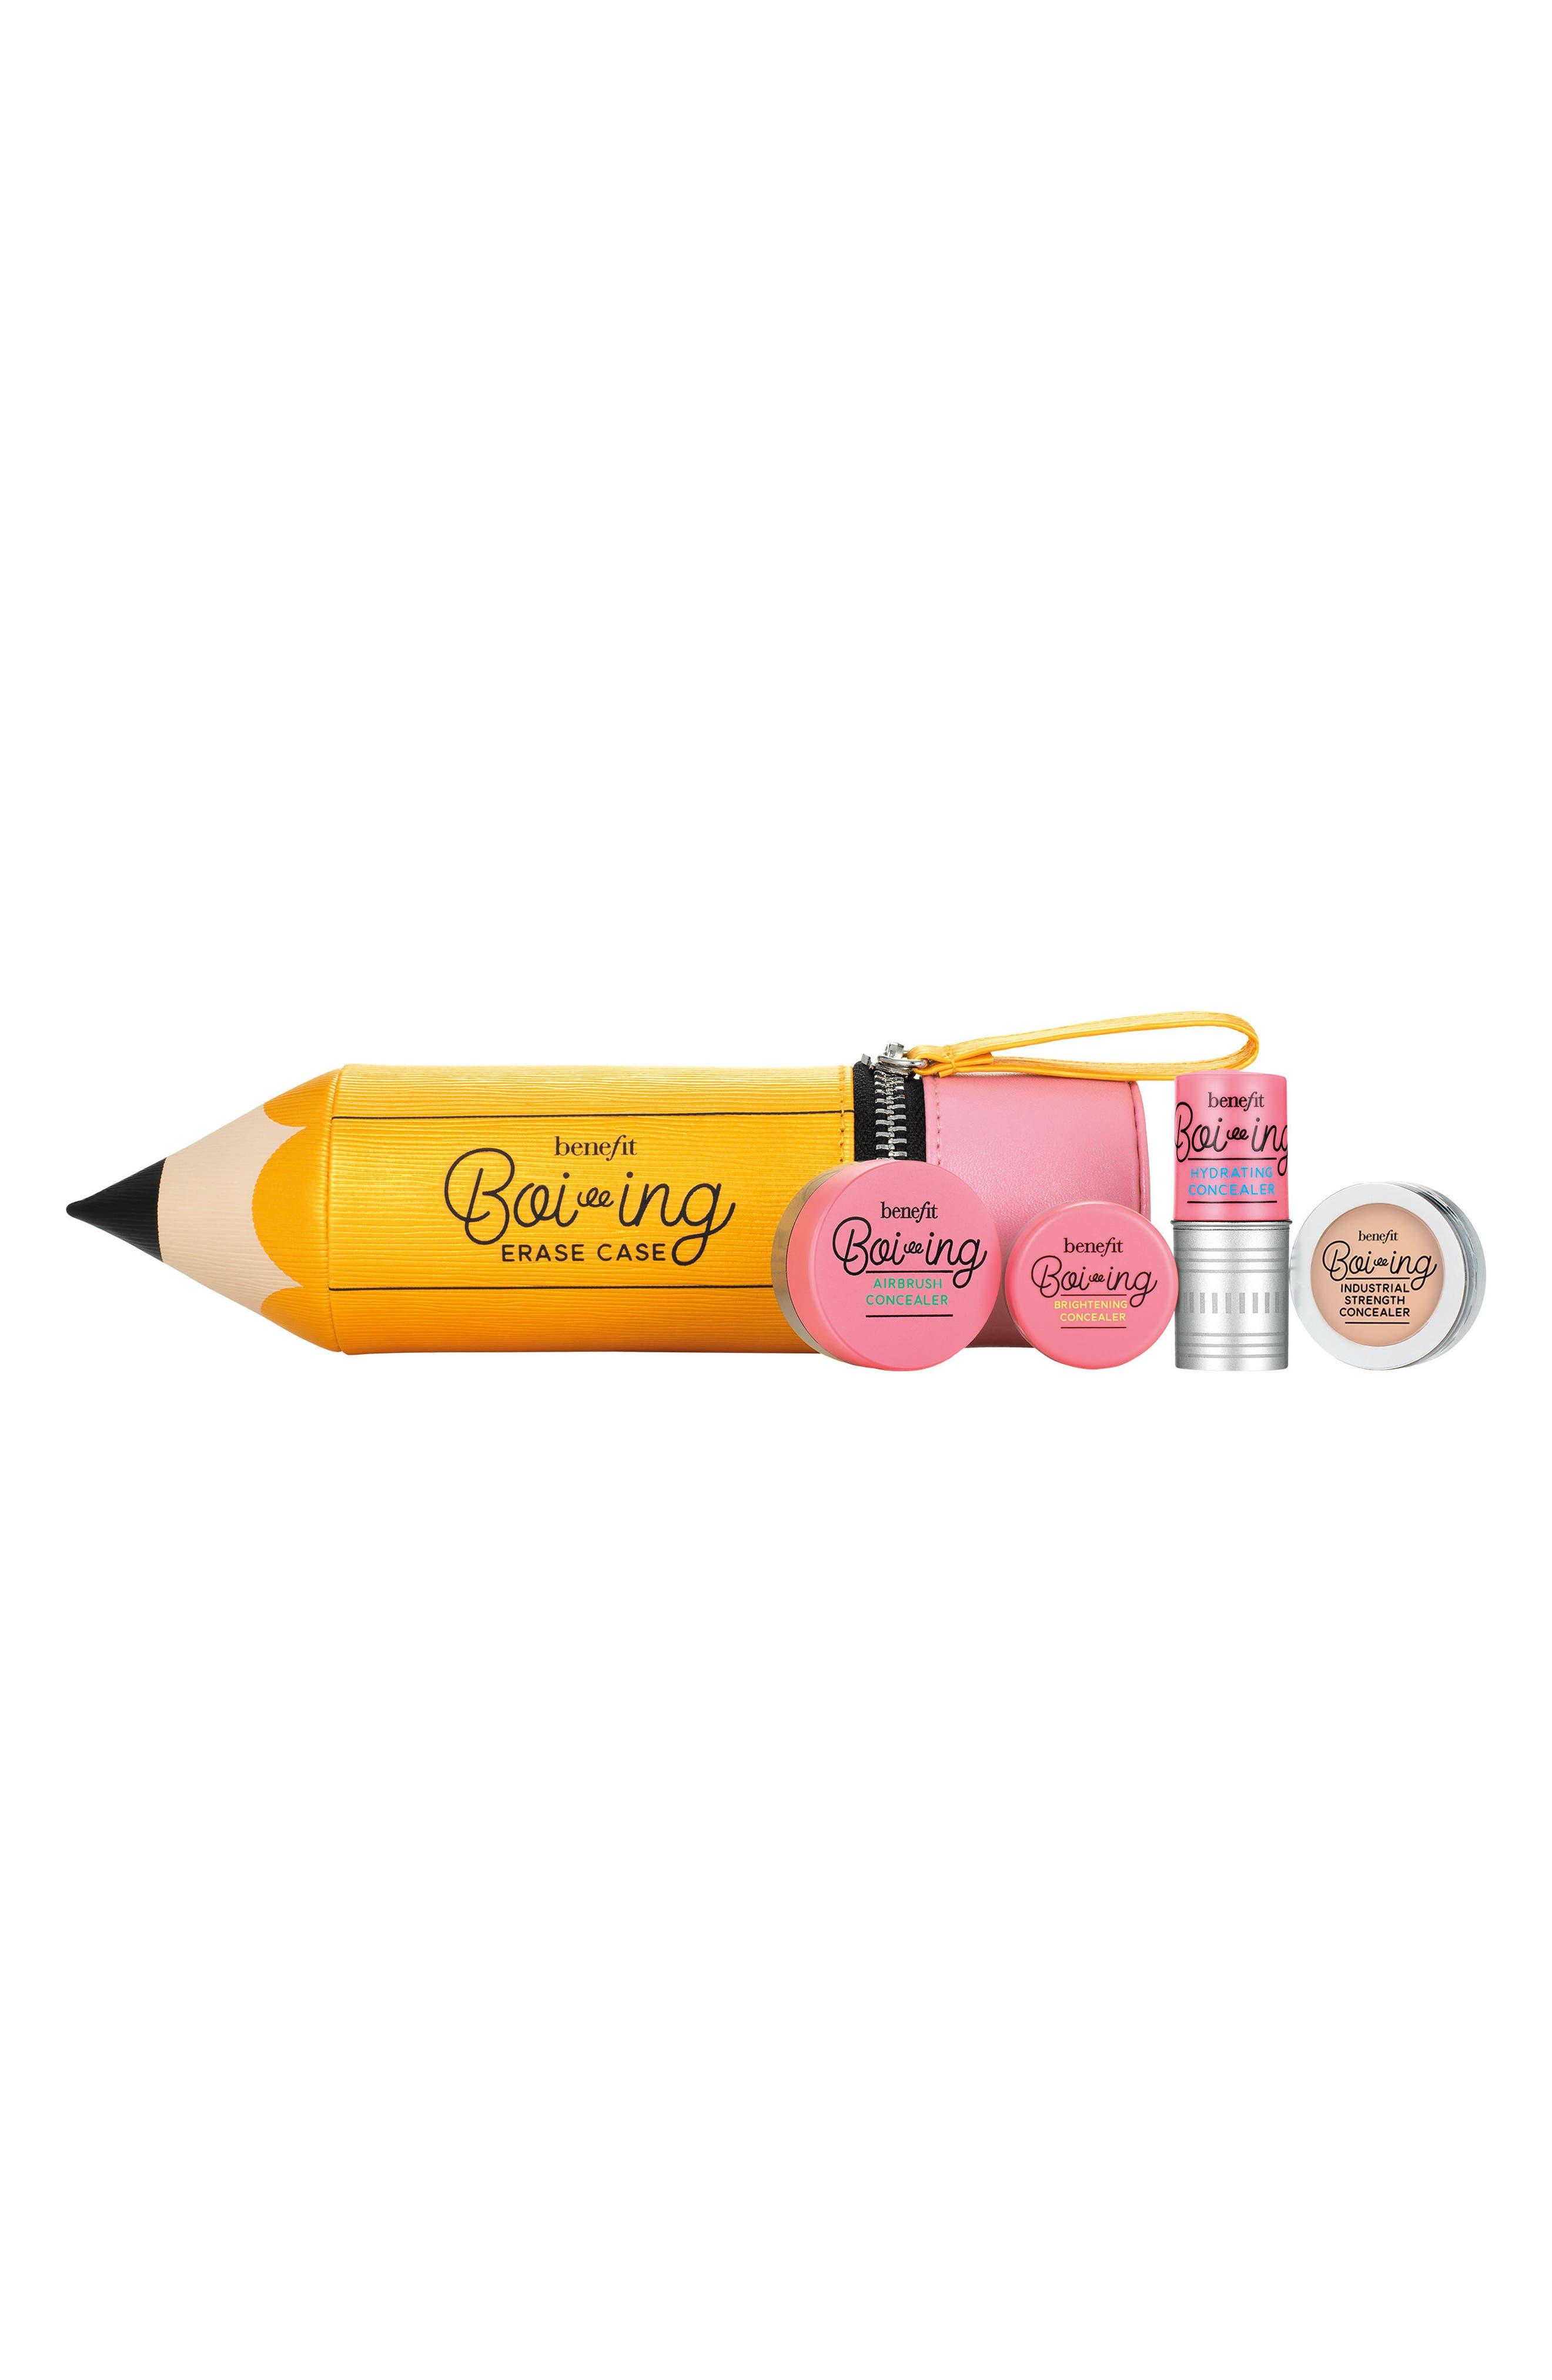 Benefit Erase Case Boi-ing Concealer Kit,                         Main,                         color, LIGHT